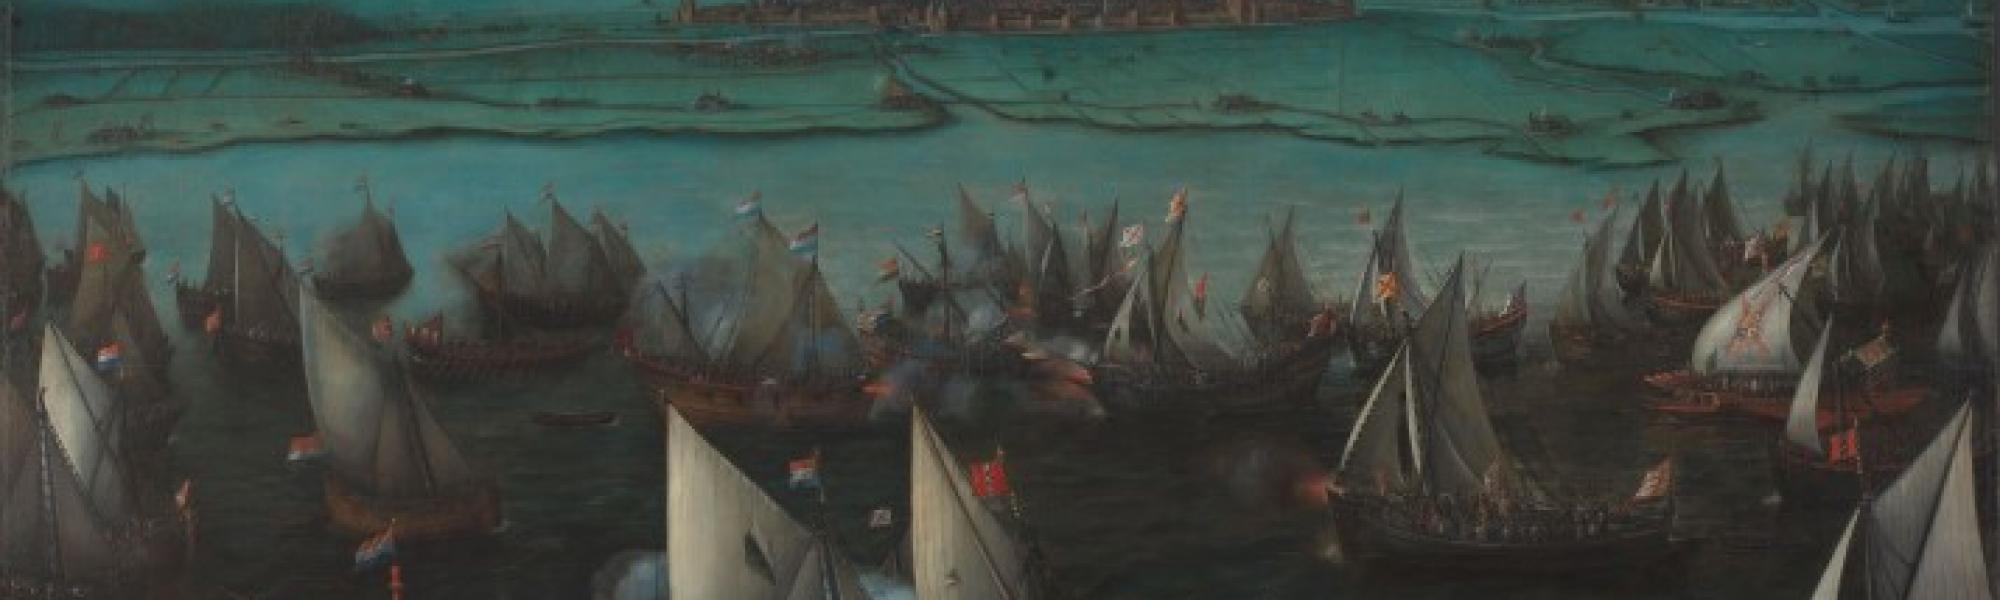 Schilderij van Zeeslag tussen Spaanse Vloot en Geuzen